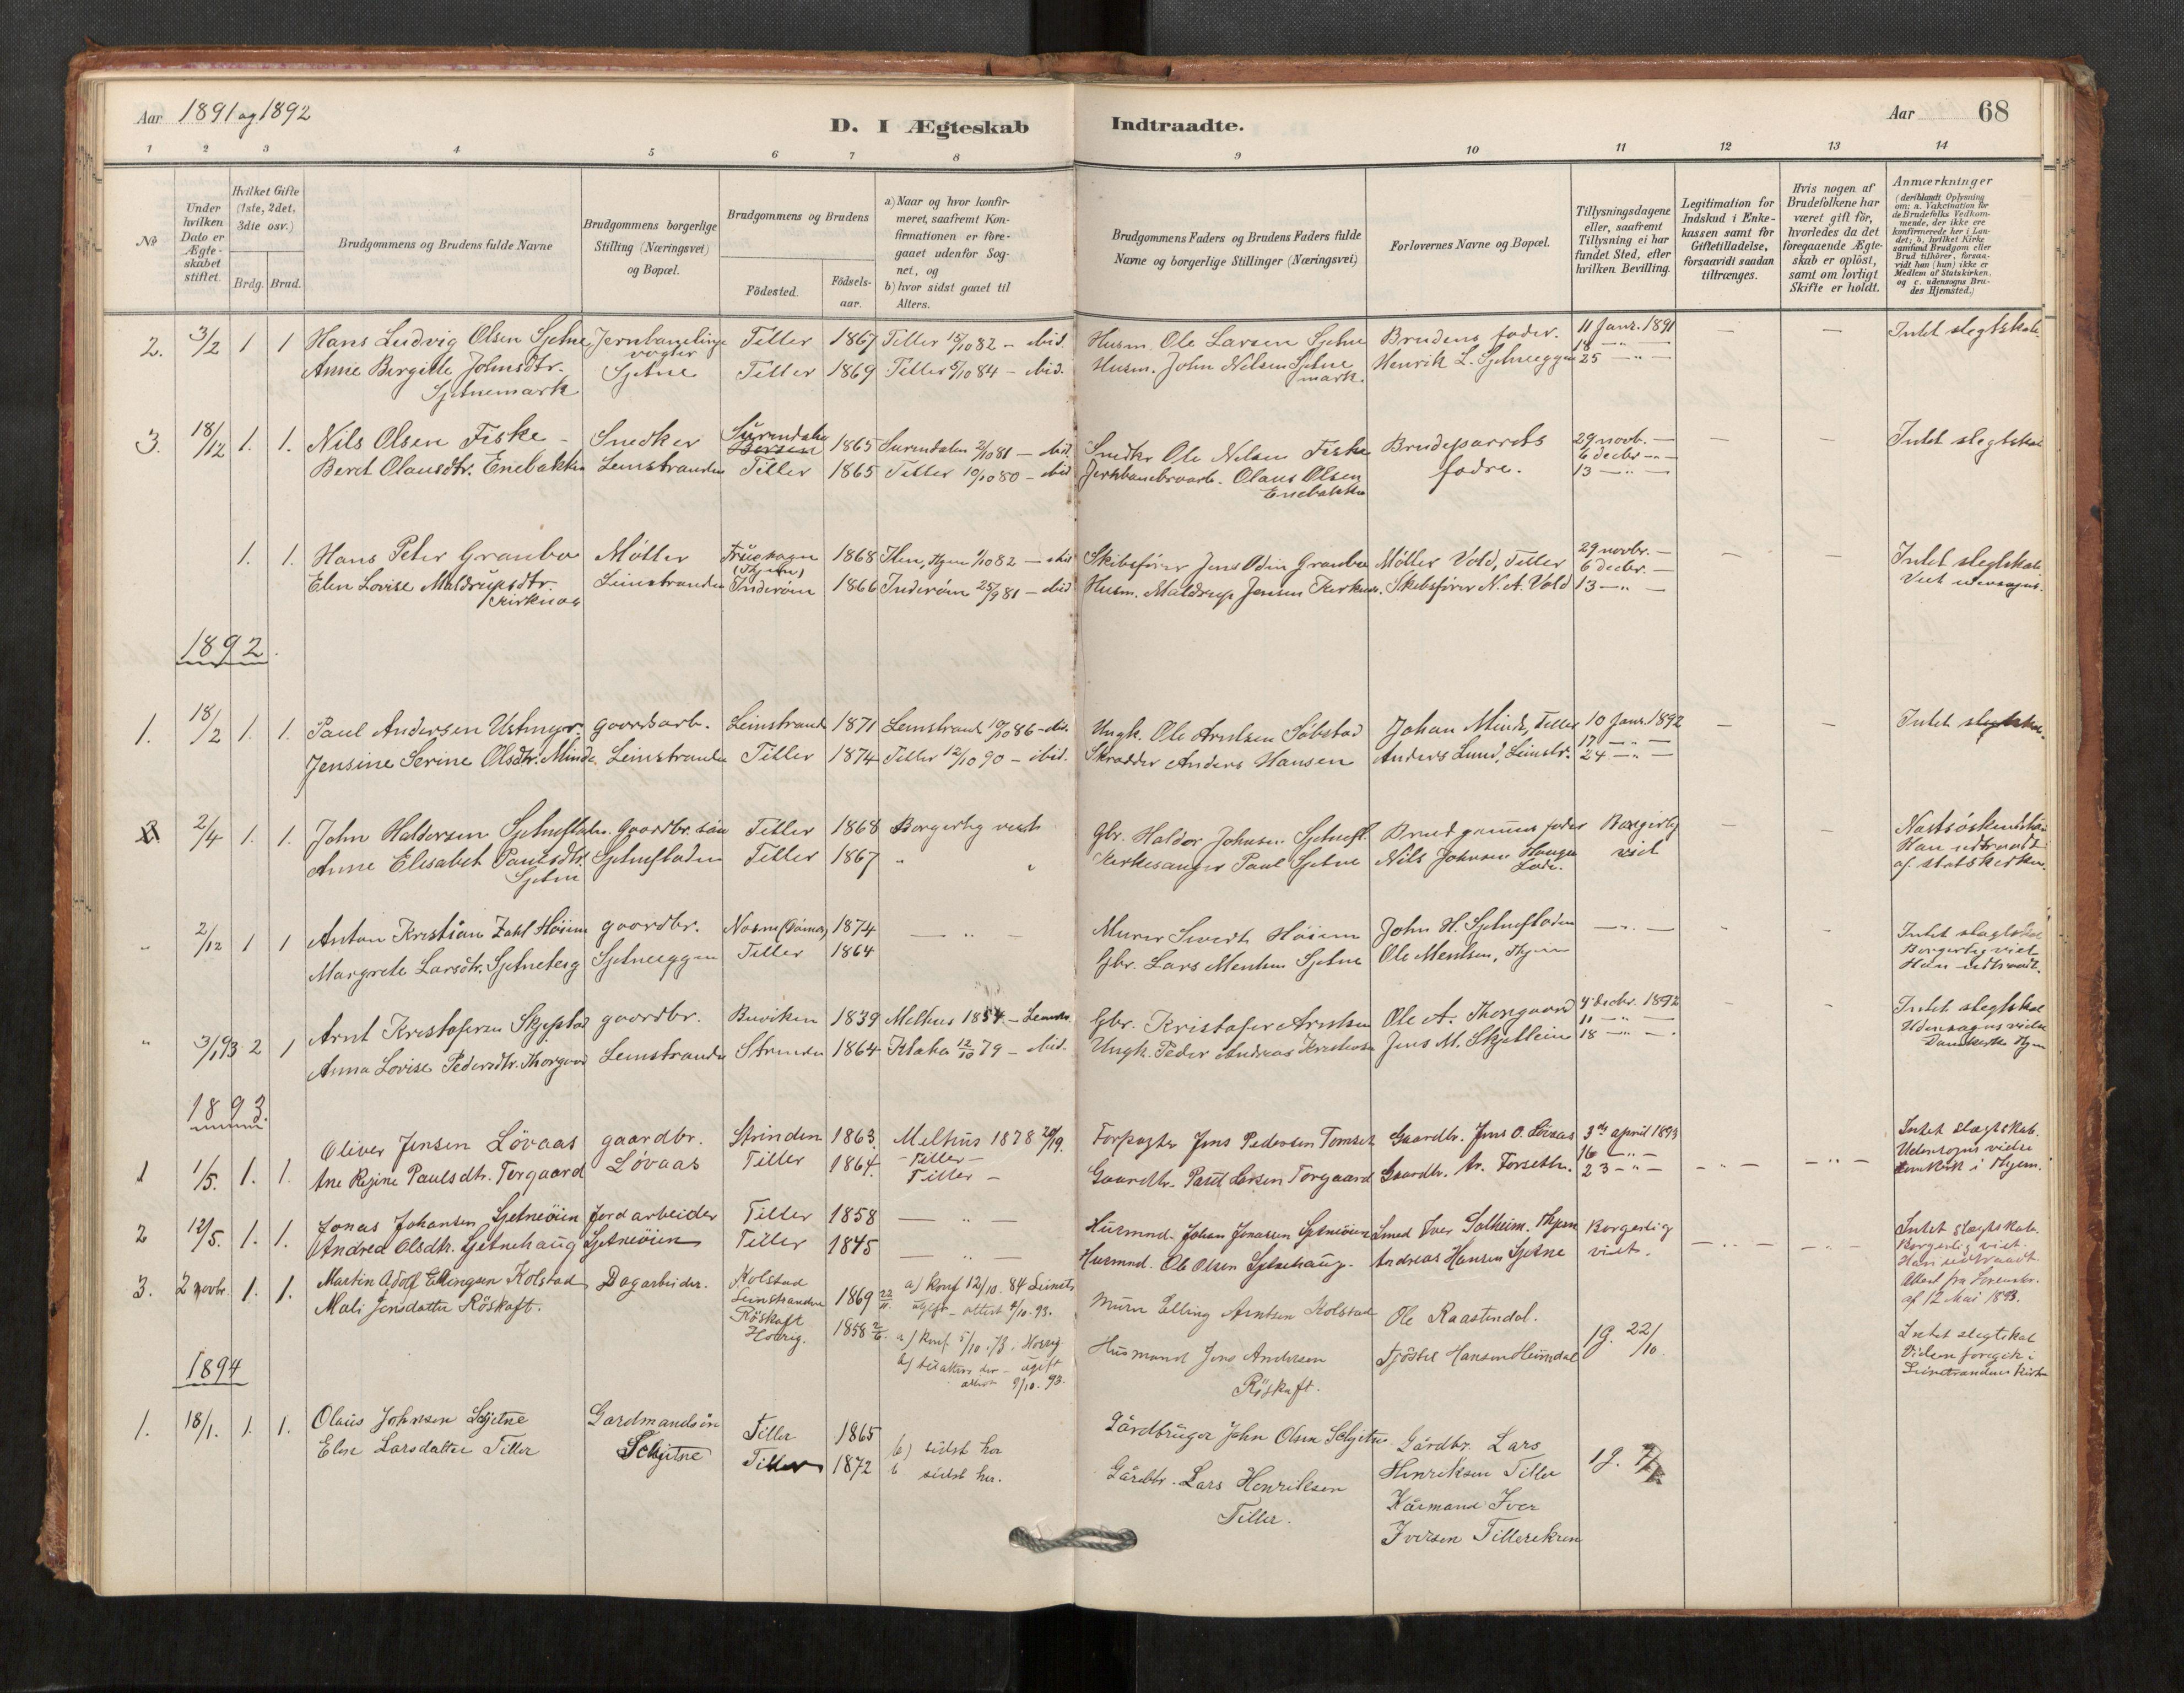 SAT, Klæbu sokneprestkontor, Parish register (official) no. 1, 1880-1900, p. 68